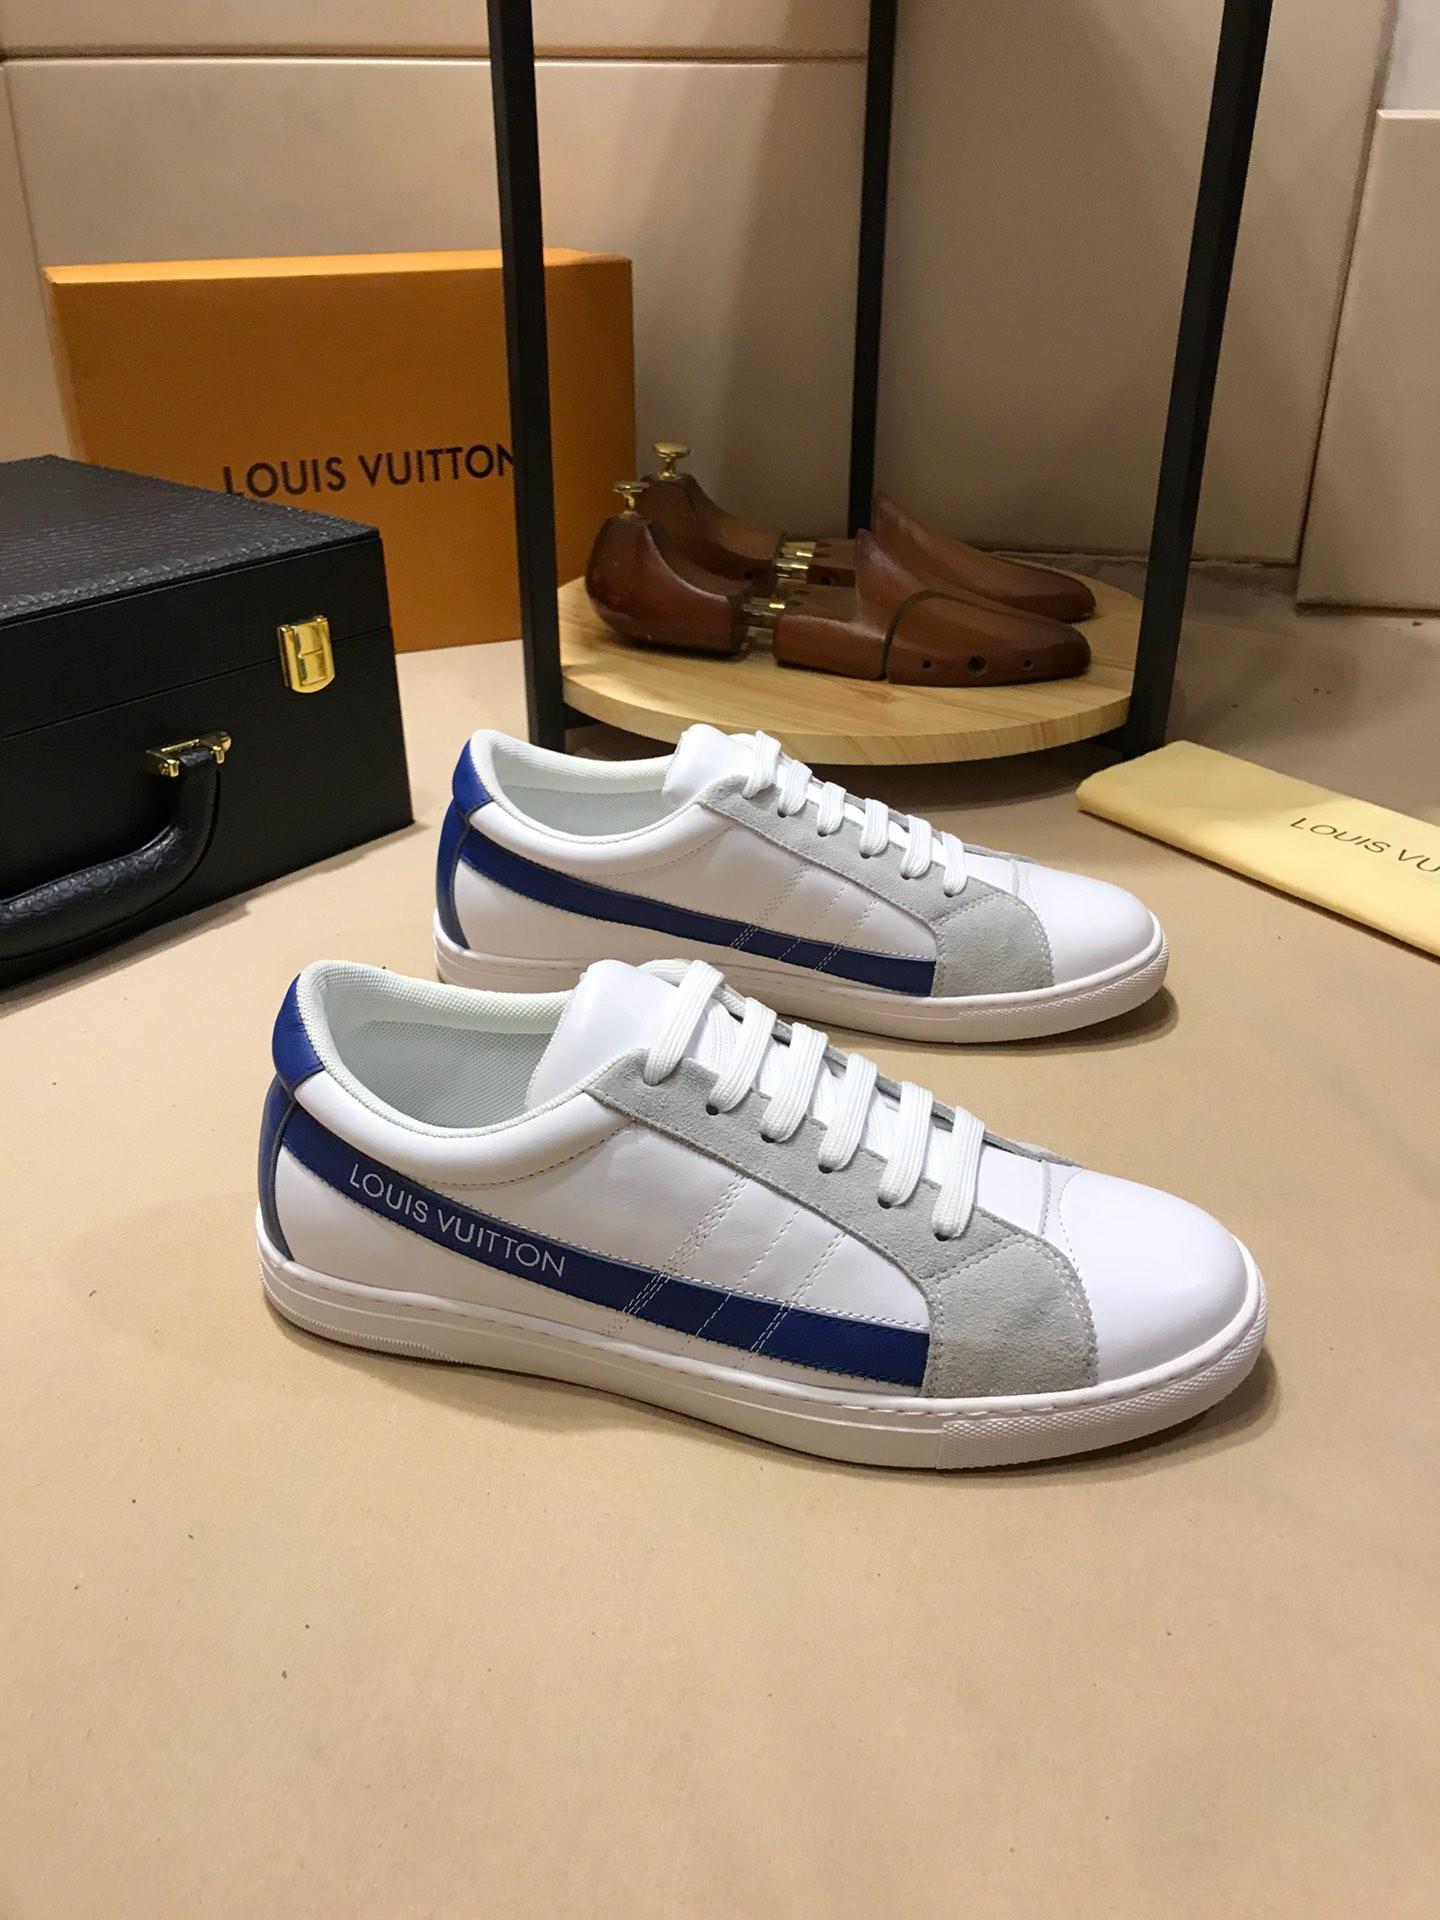 ルイヴィトン 靴 メンズ おすすめ 口コミ レプリカ 2色